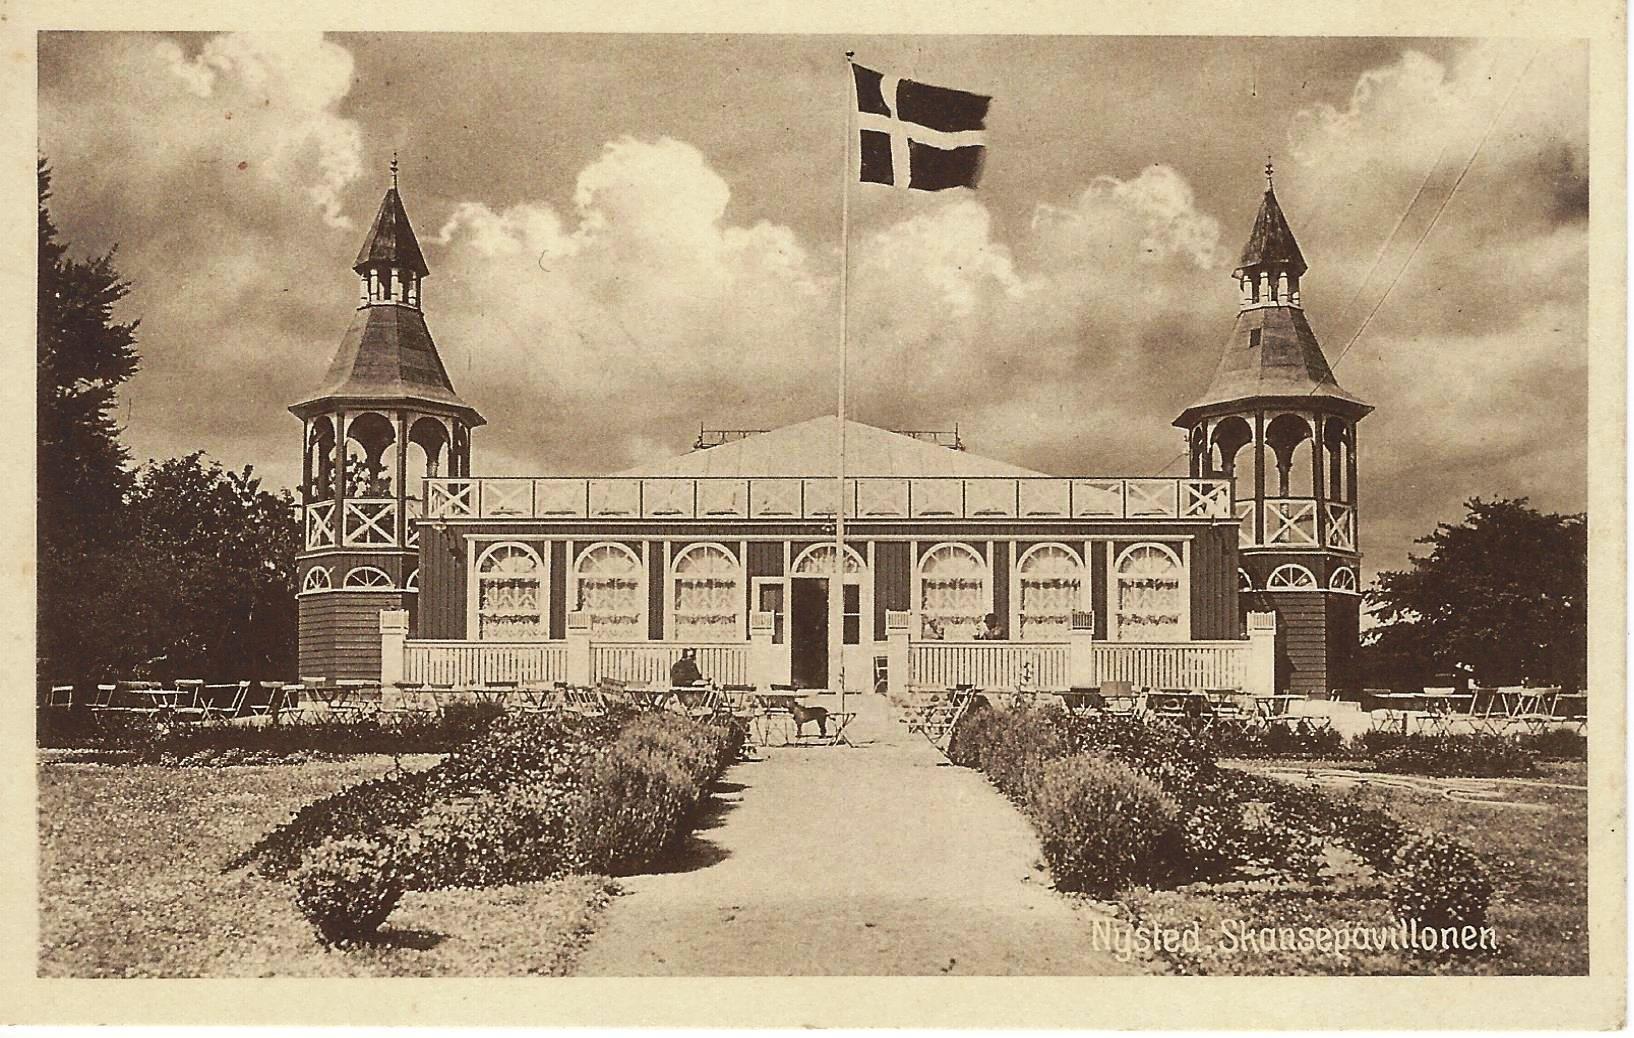 16-Skansepavillonen-1948-02